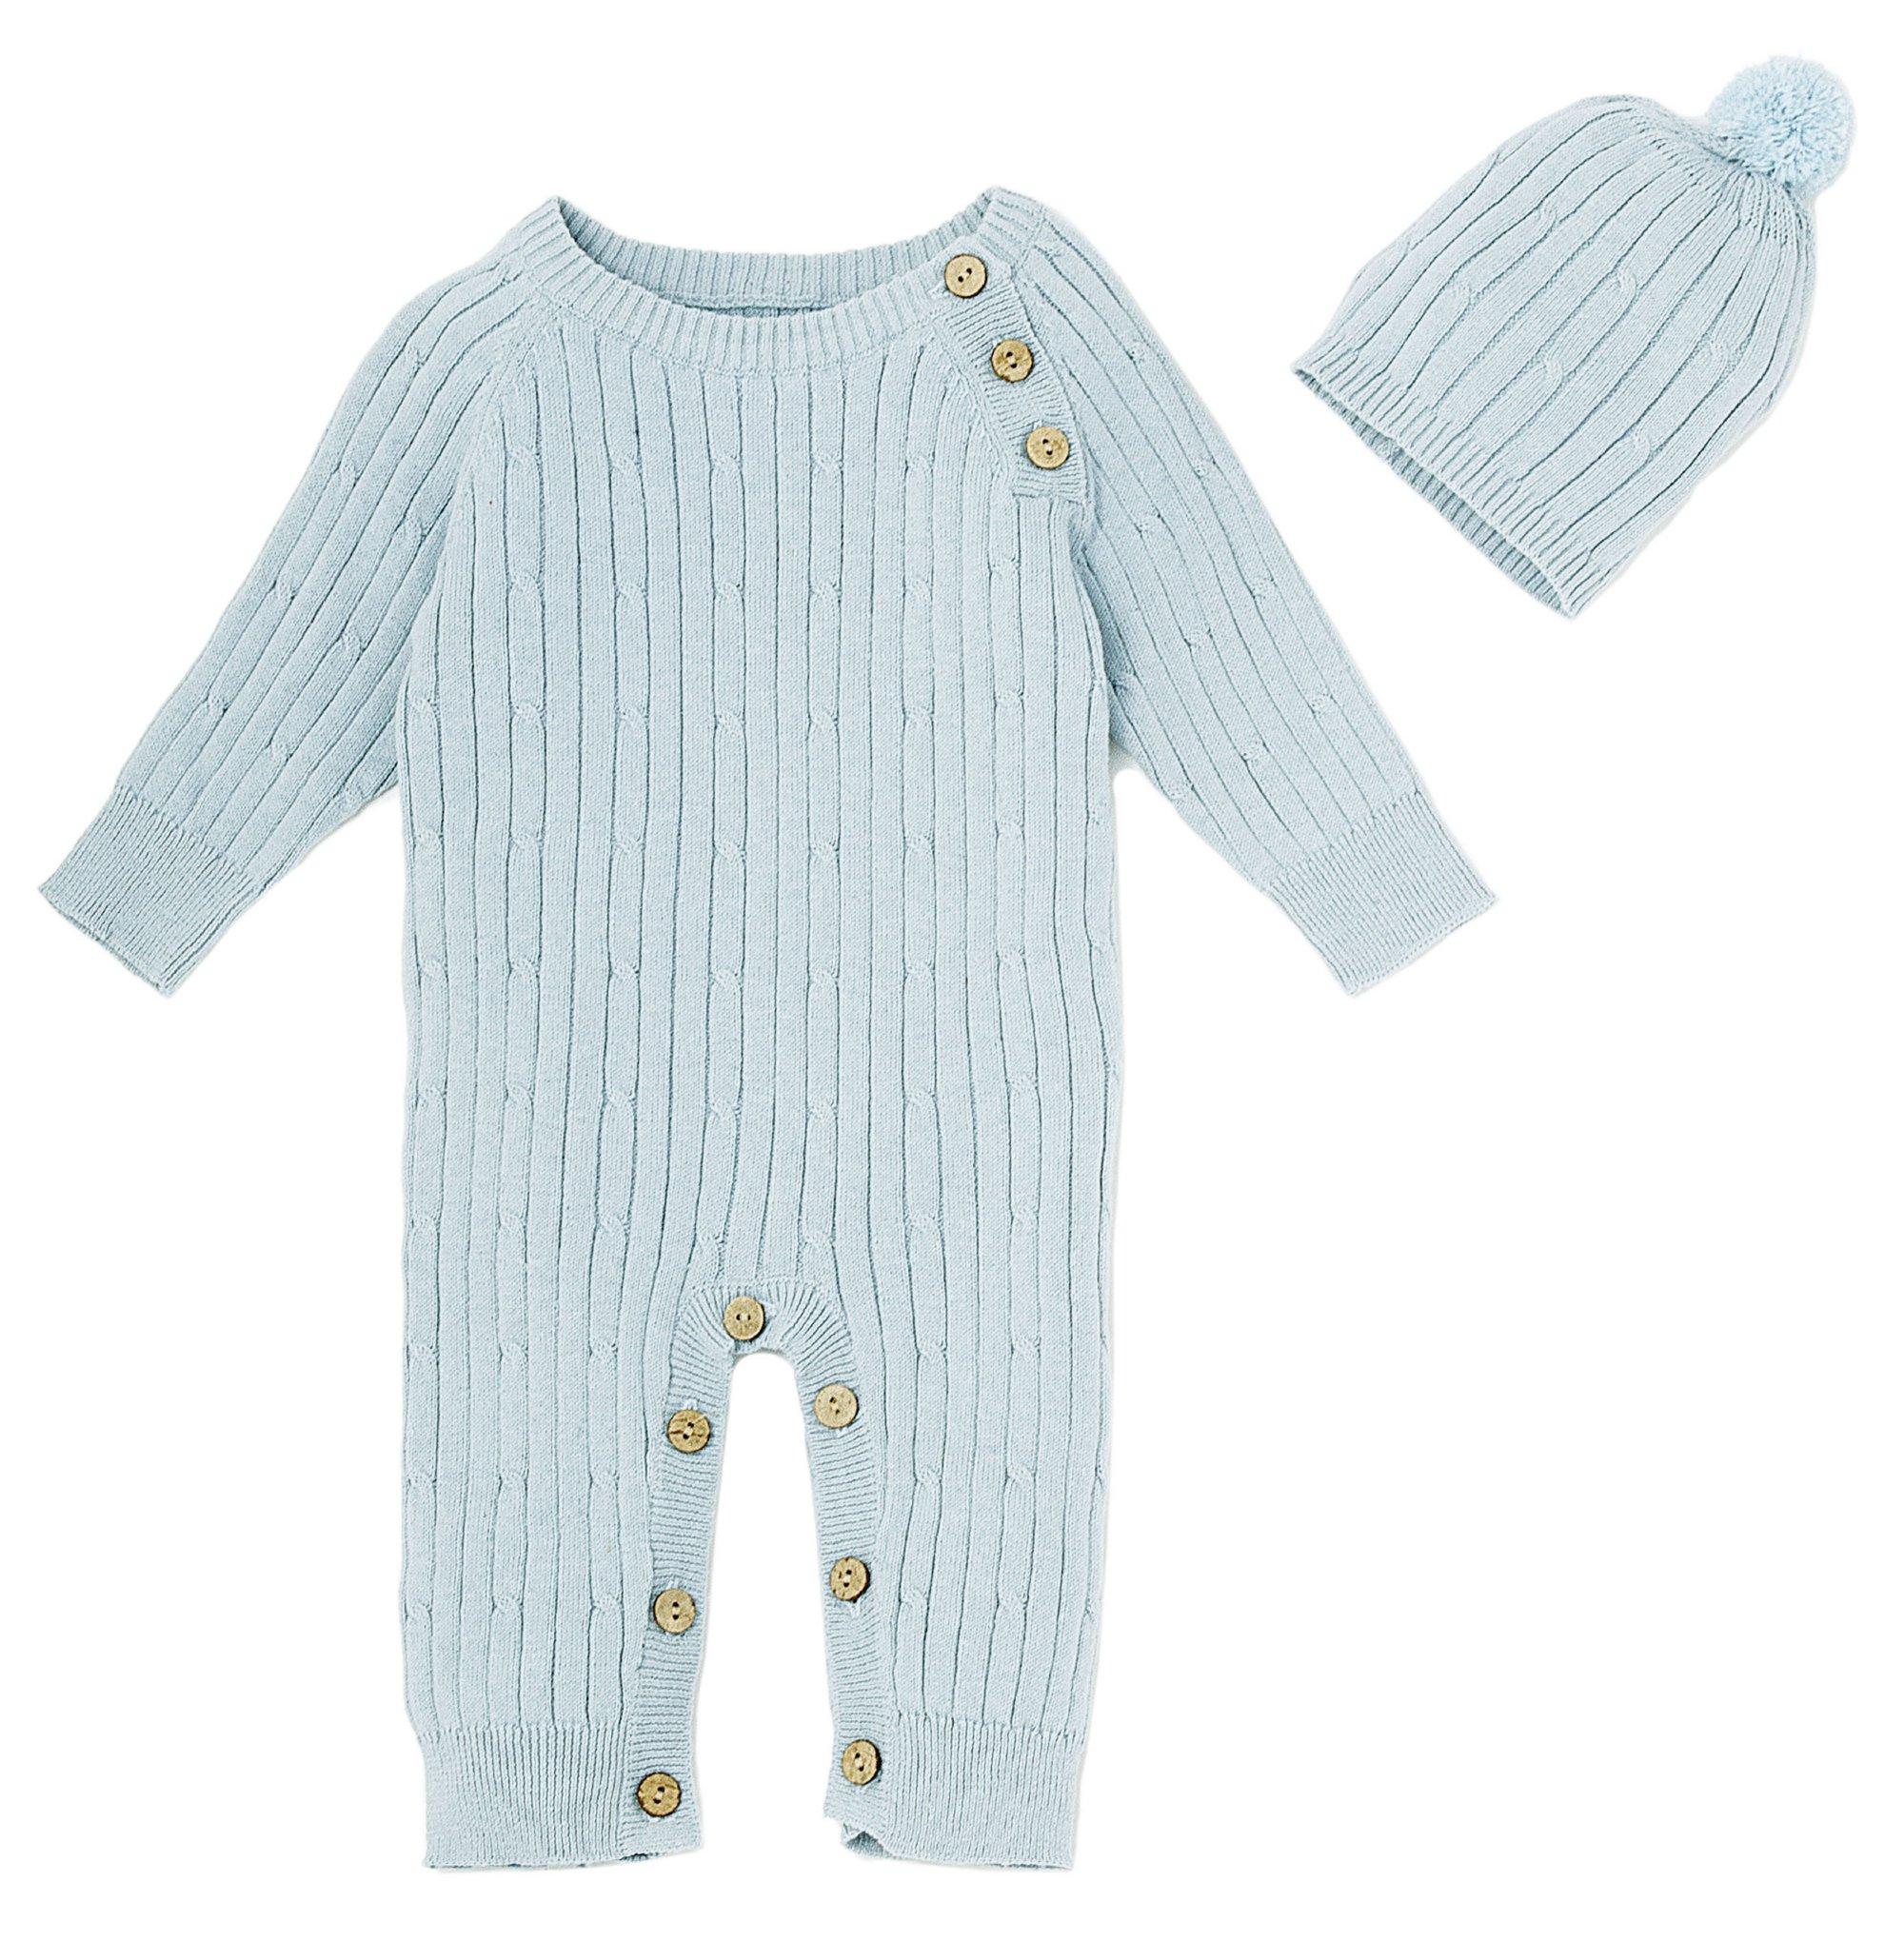 4ff0cb415 Le Top Bébé Little Boy Blue Cable Knit Romper and Hat Set for ...